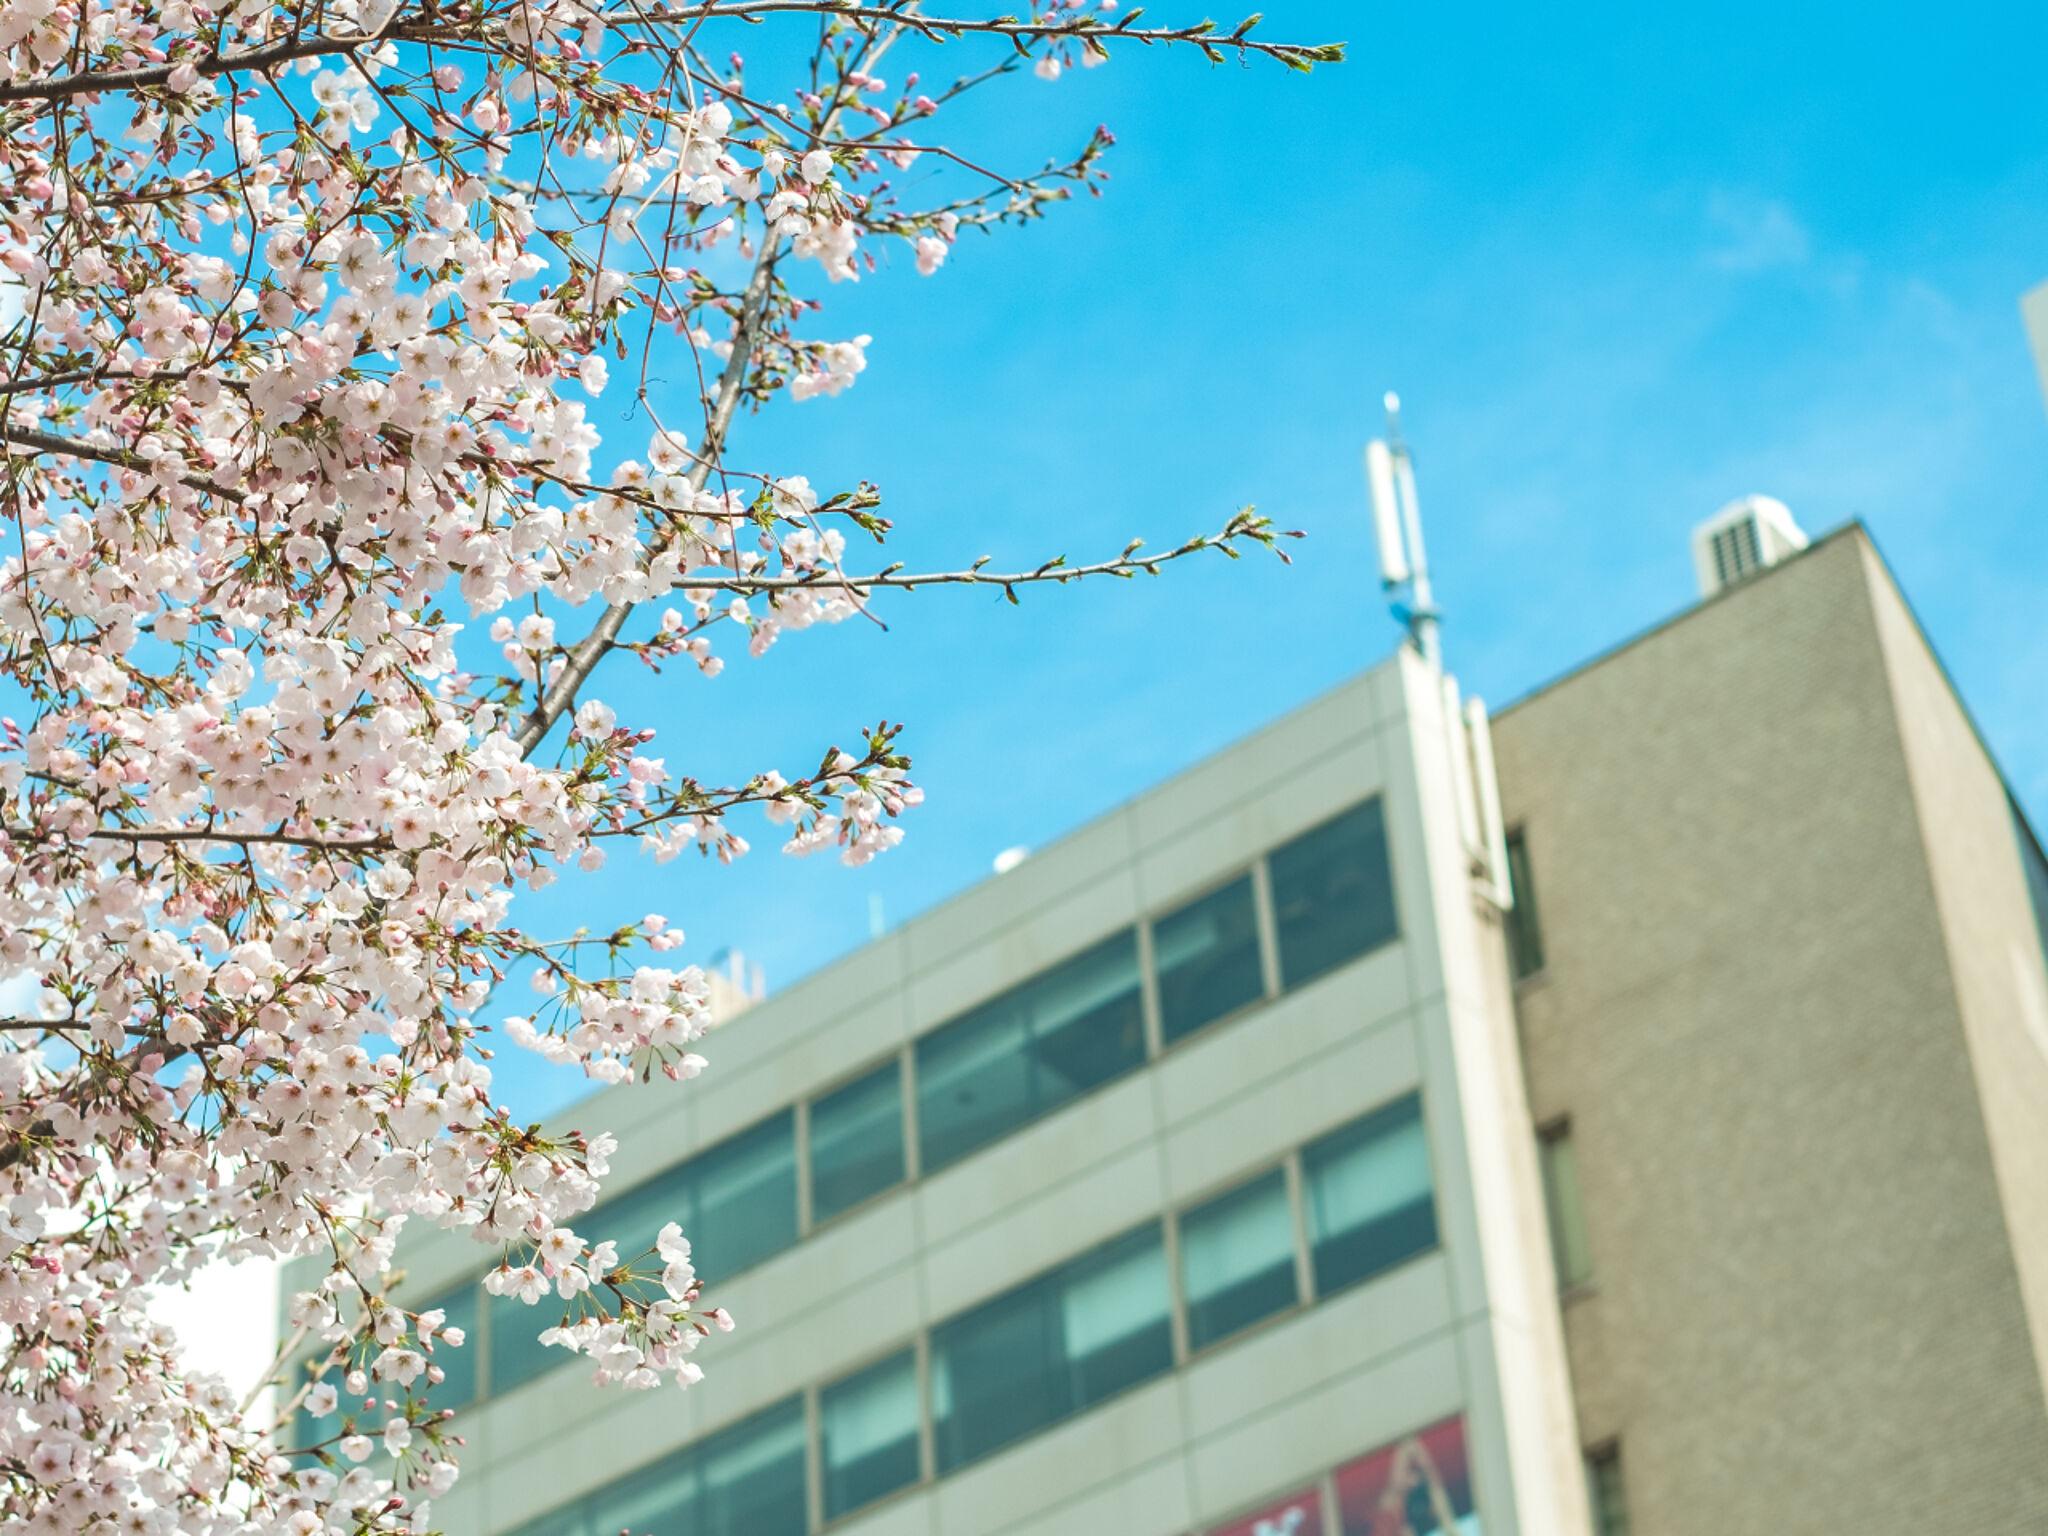 高校の校舎と桜の画像